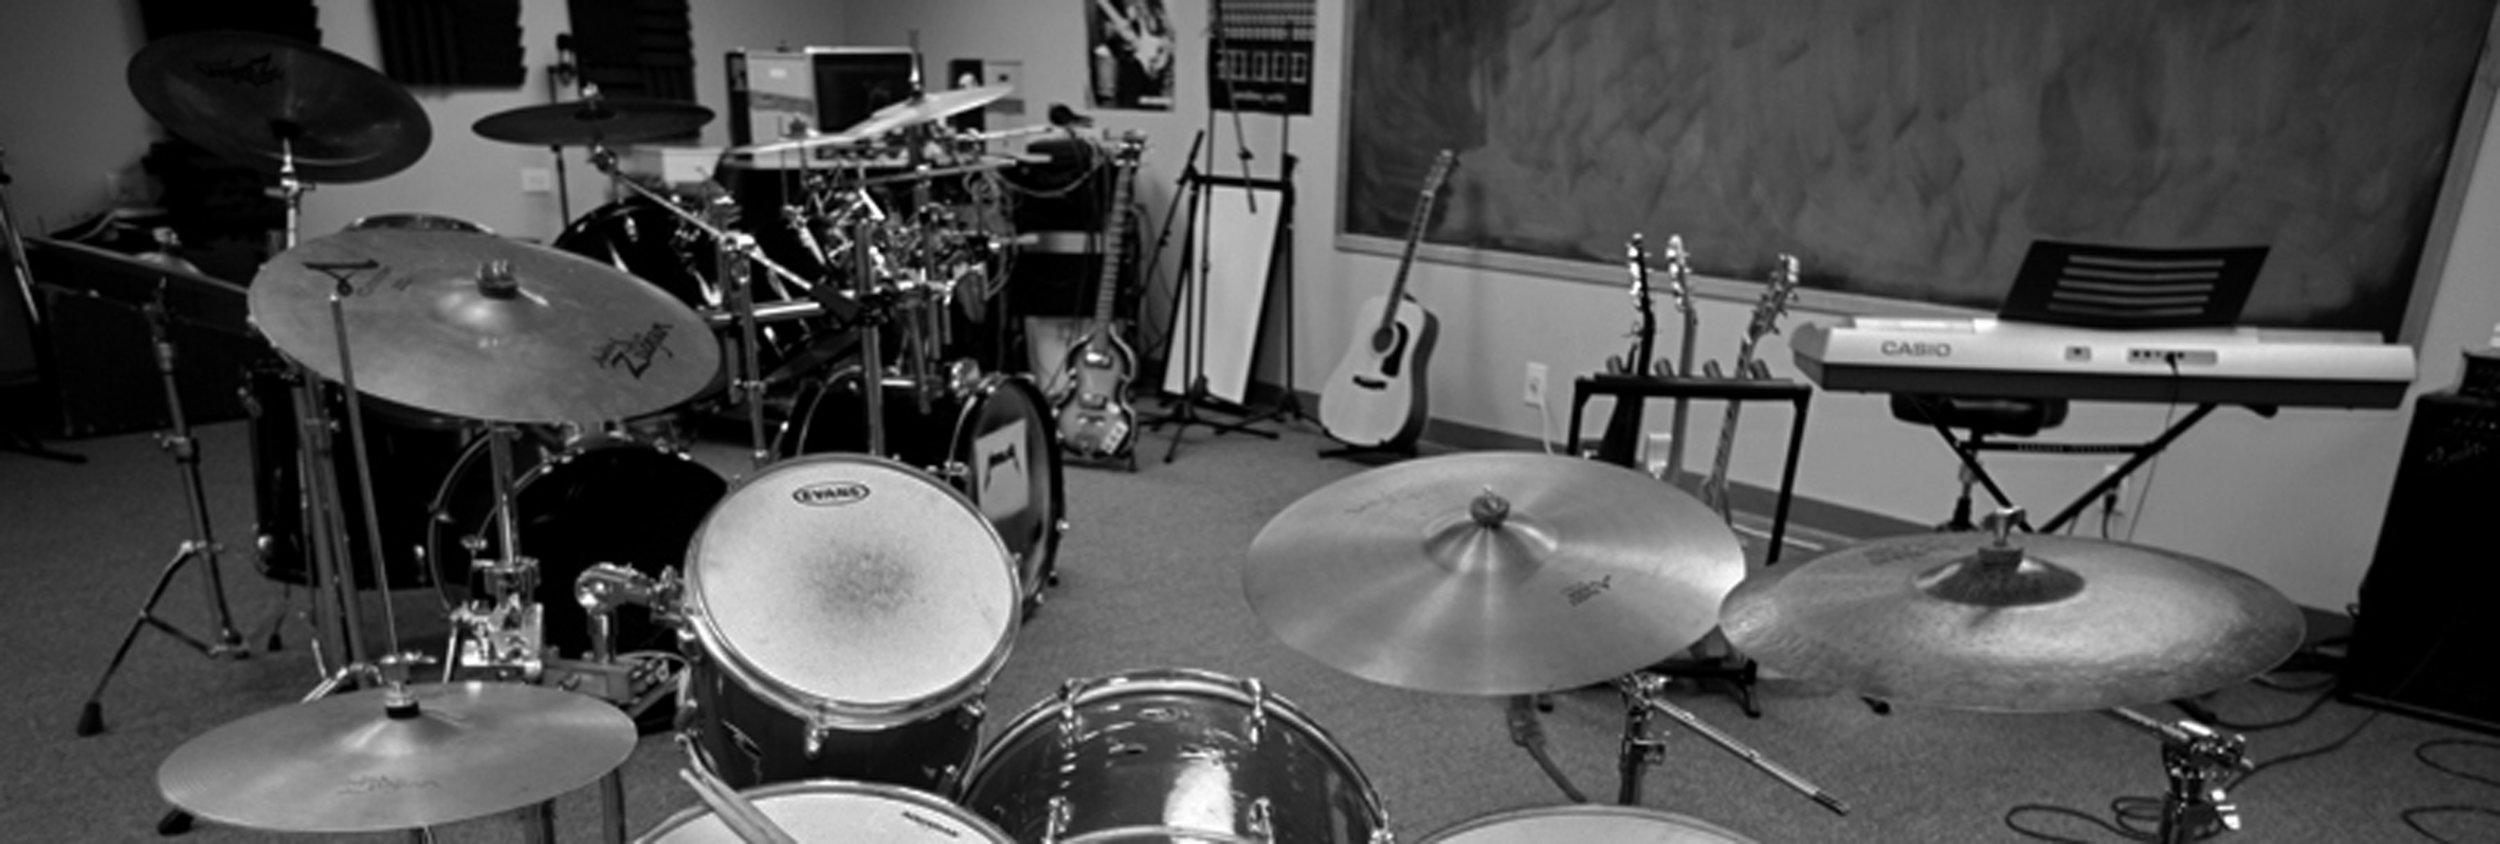 drum set 2x2.jpg